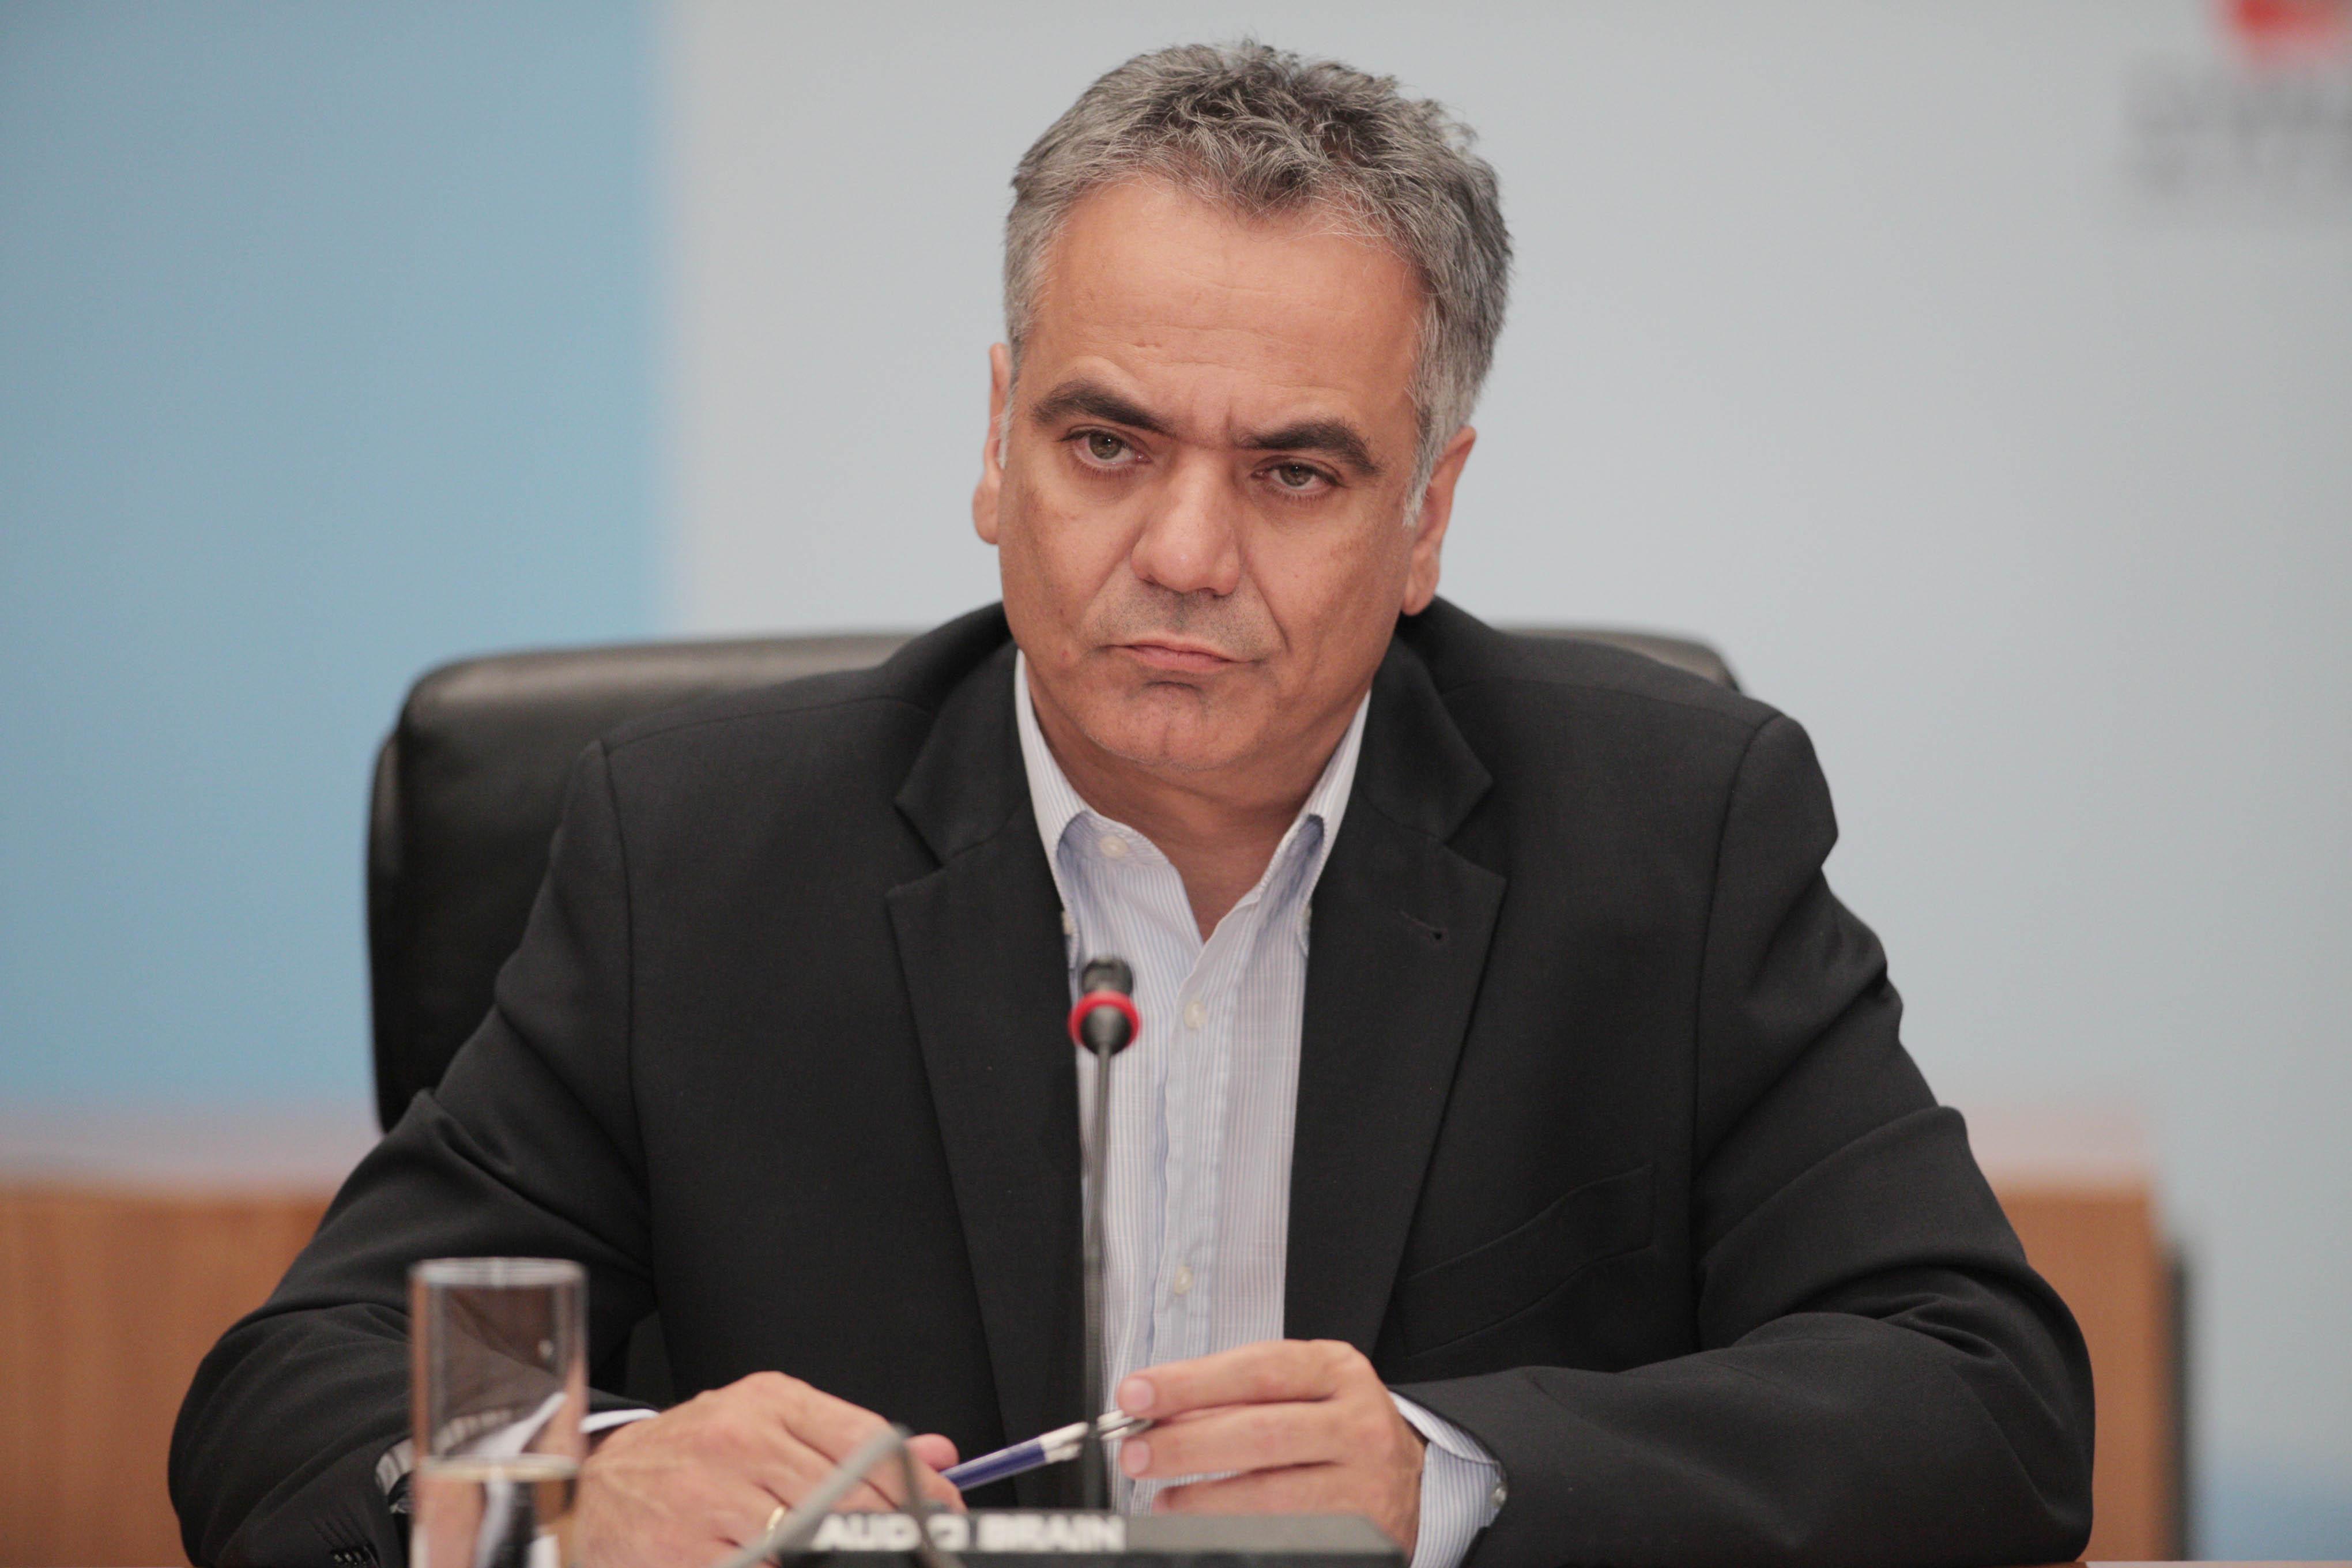 142.544 ευρώ στον δήμο Ξηρομέρου για την εξόφληση υποχρεώσεών τους σε ιδιώτες